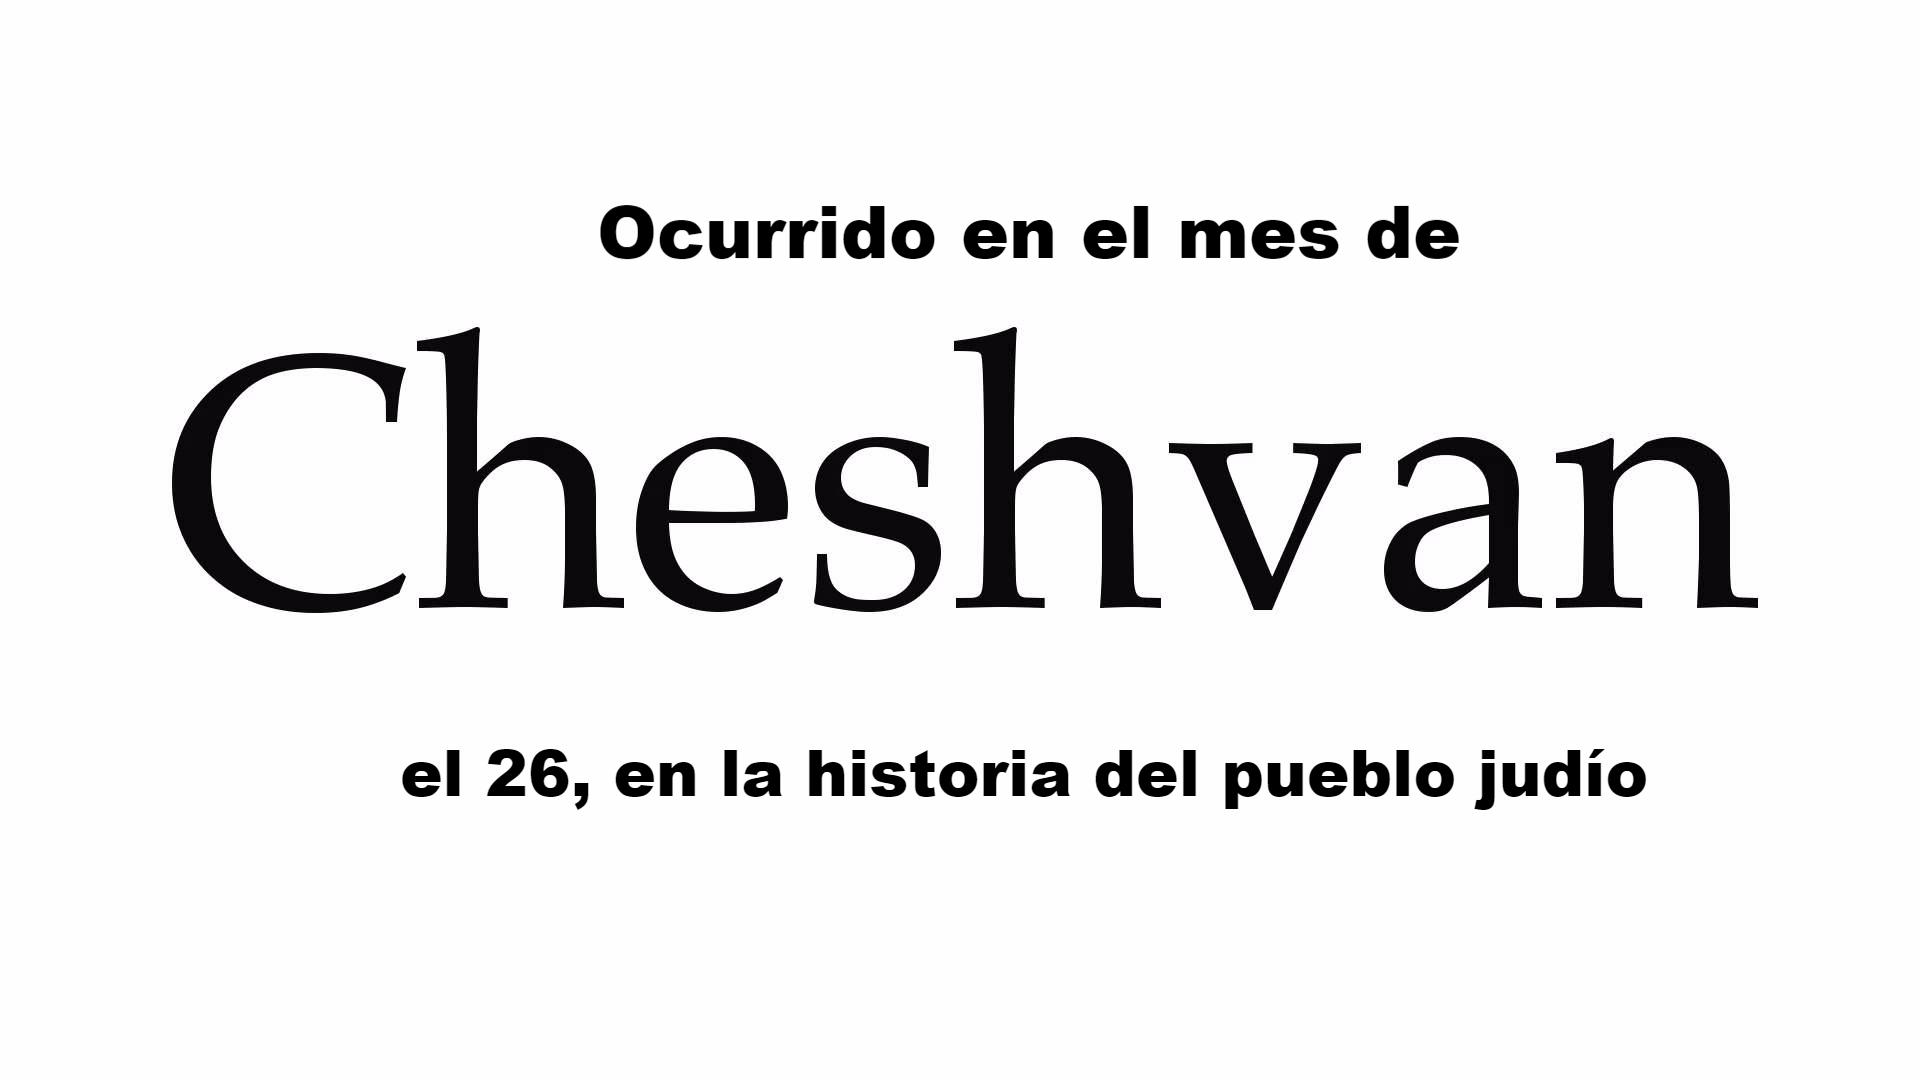 Hoy 26 de Jeshvan en la historia judía